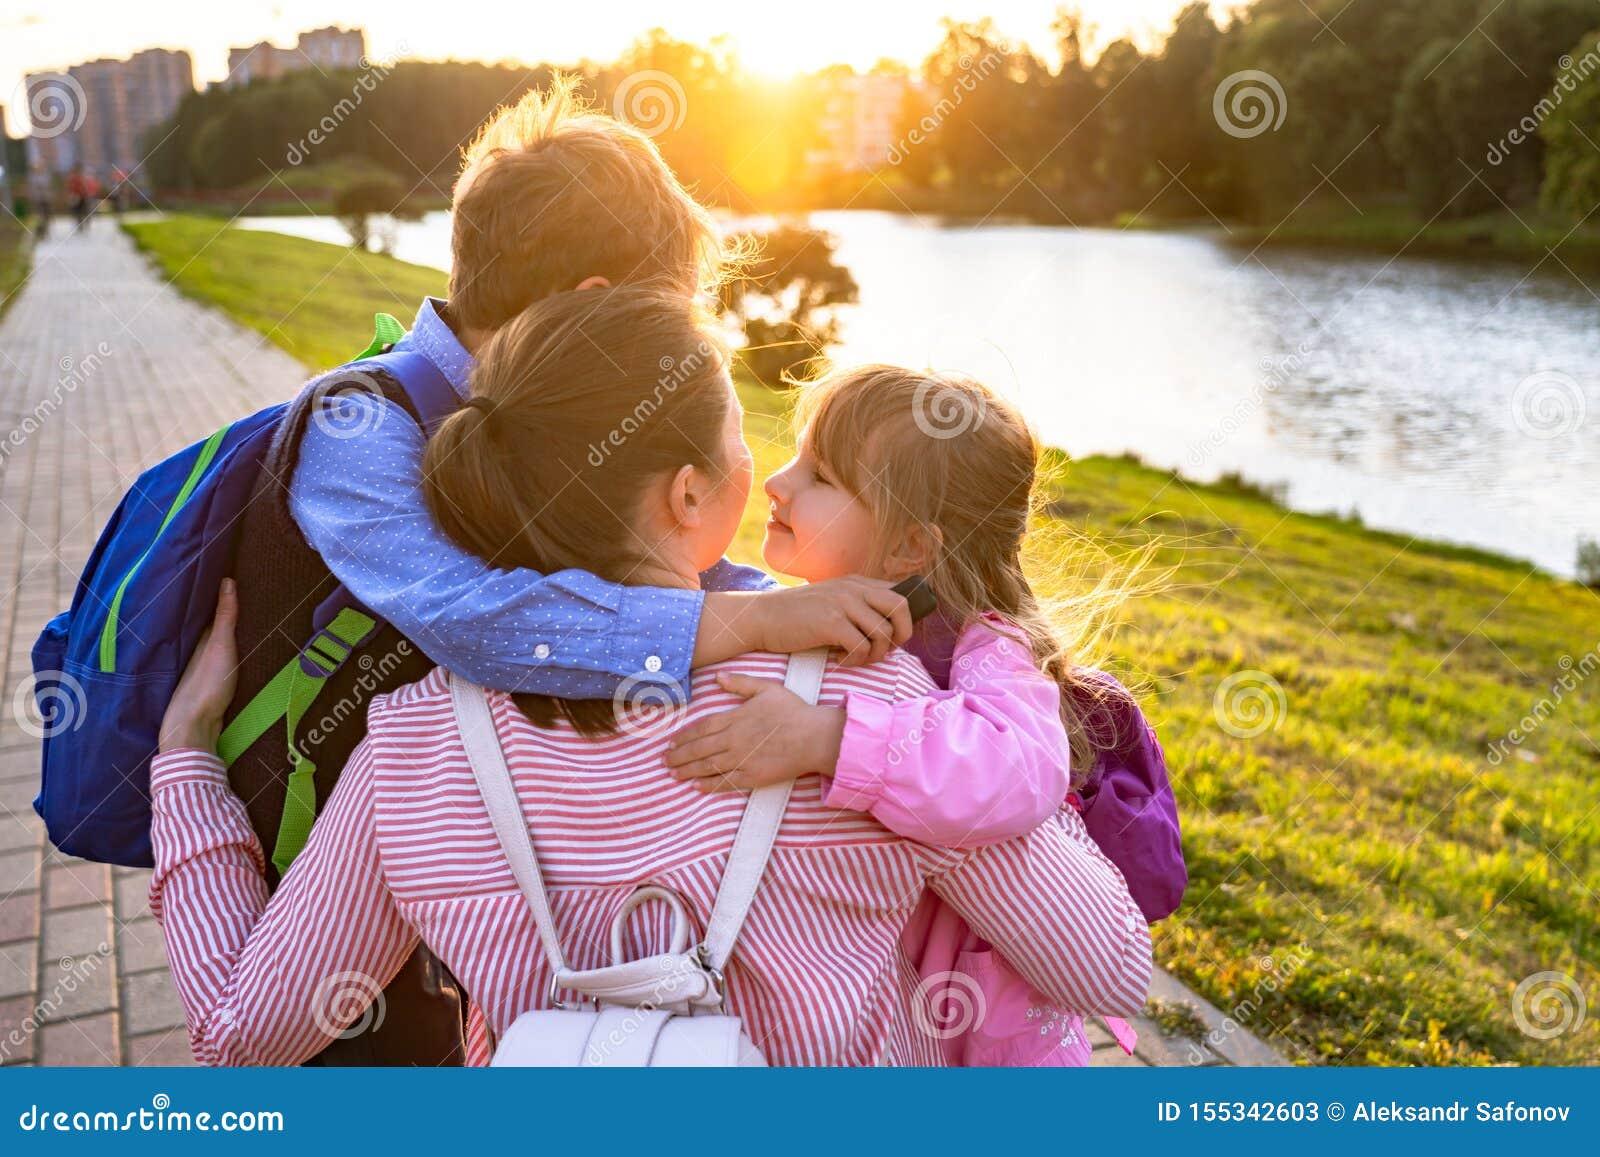 Η μητέρα αγκαλιάζει το γιο και η κόρη στέλνει τα παιδιά στο σχολείο